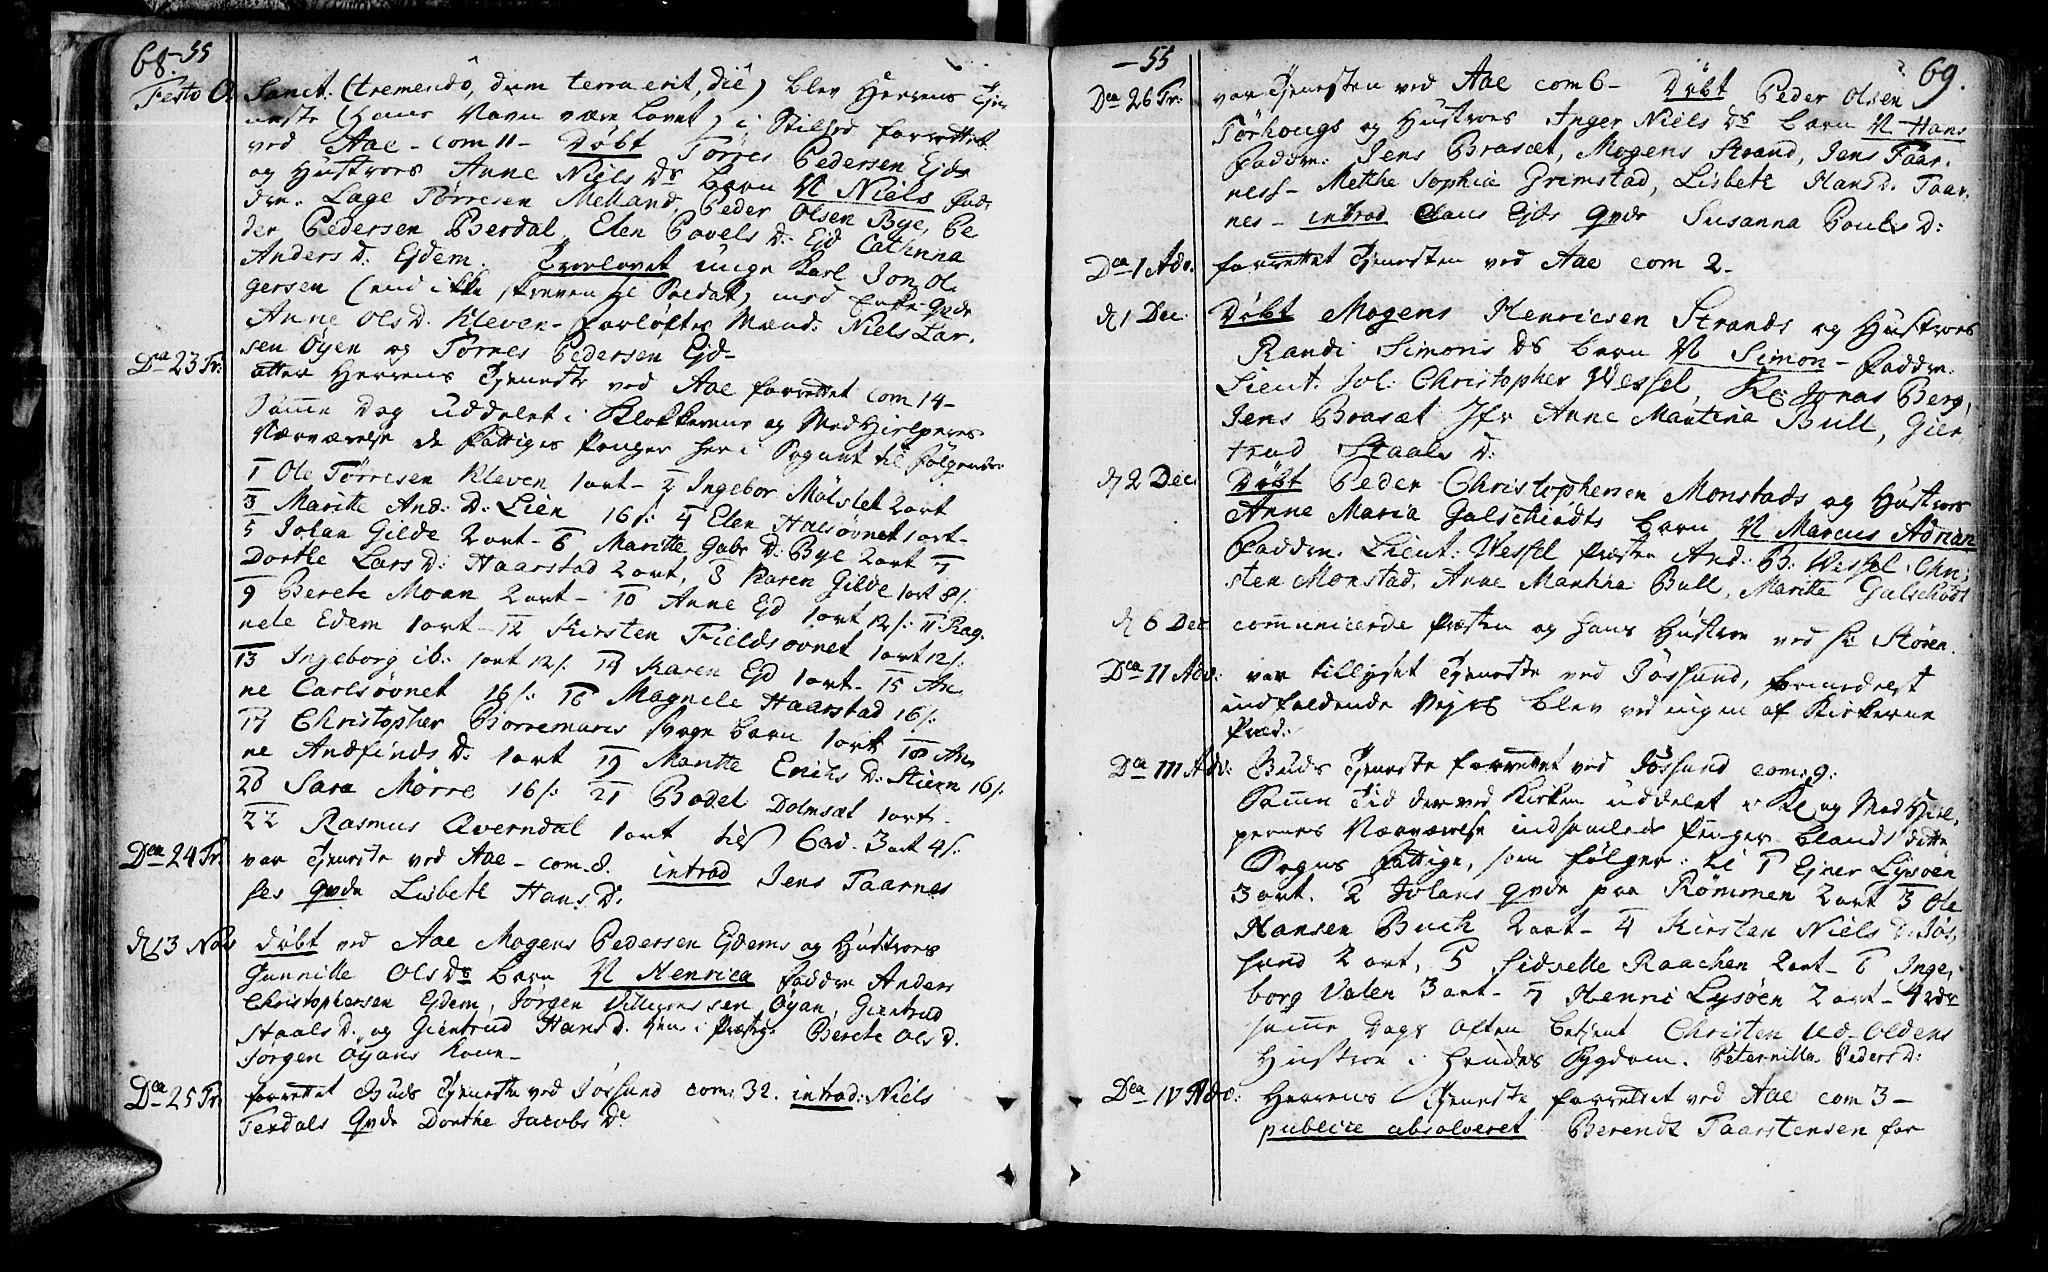 SAT, Ministerialprotokoller, klokkerbøker og fødselsregistre - Sør-Trøndelag, 655/L0672: Ministerialbok nr. 655A01, 1750-1779, s. 68-69